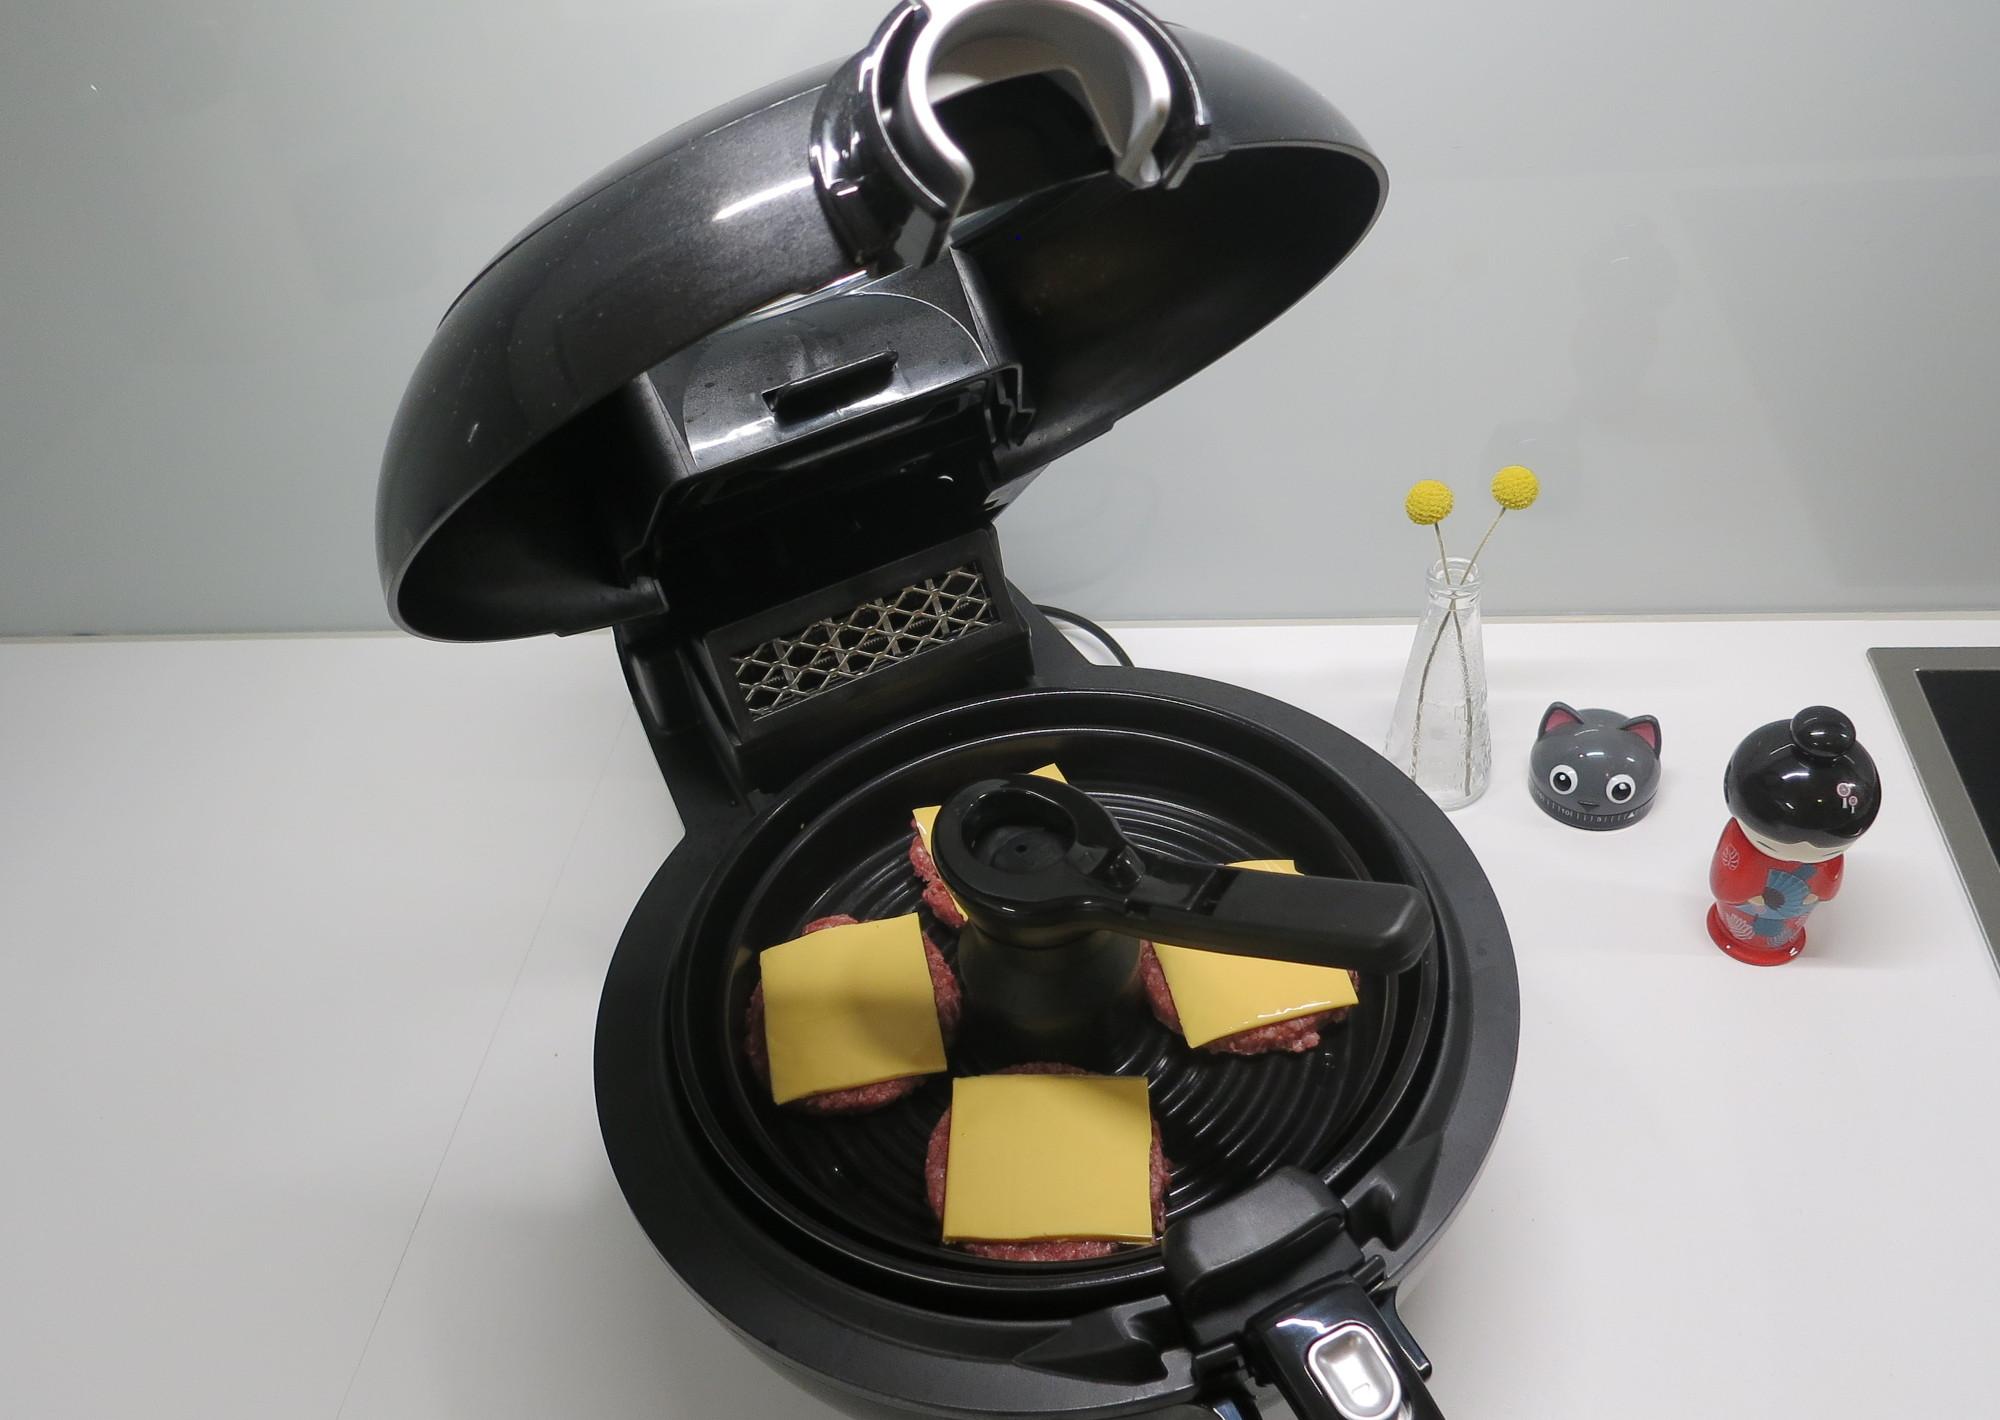 Heißluftfritteuse Tefal ActiFry Genius XL 2in1 mit Grillteller und Griff